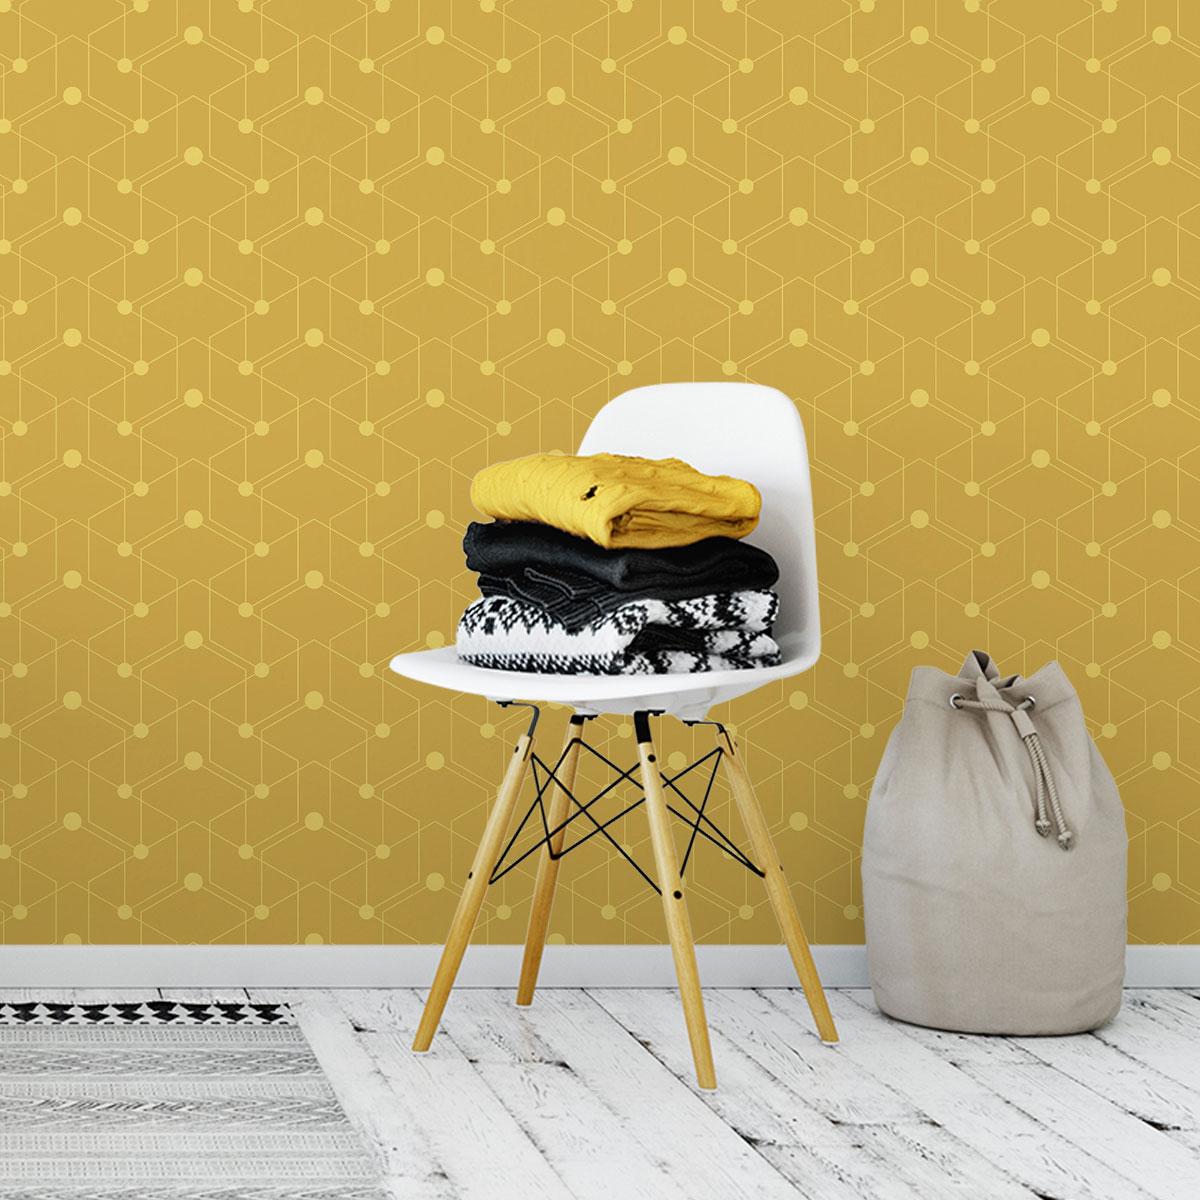 Wandtapete gelb: Auffallende grafische Tapete